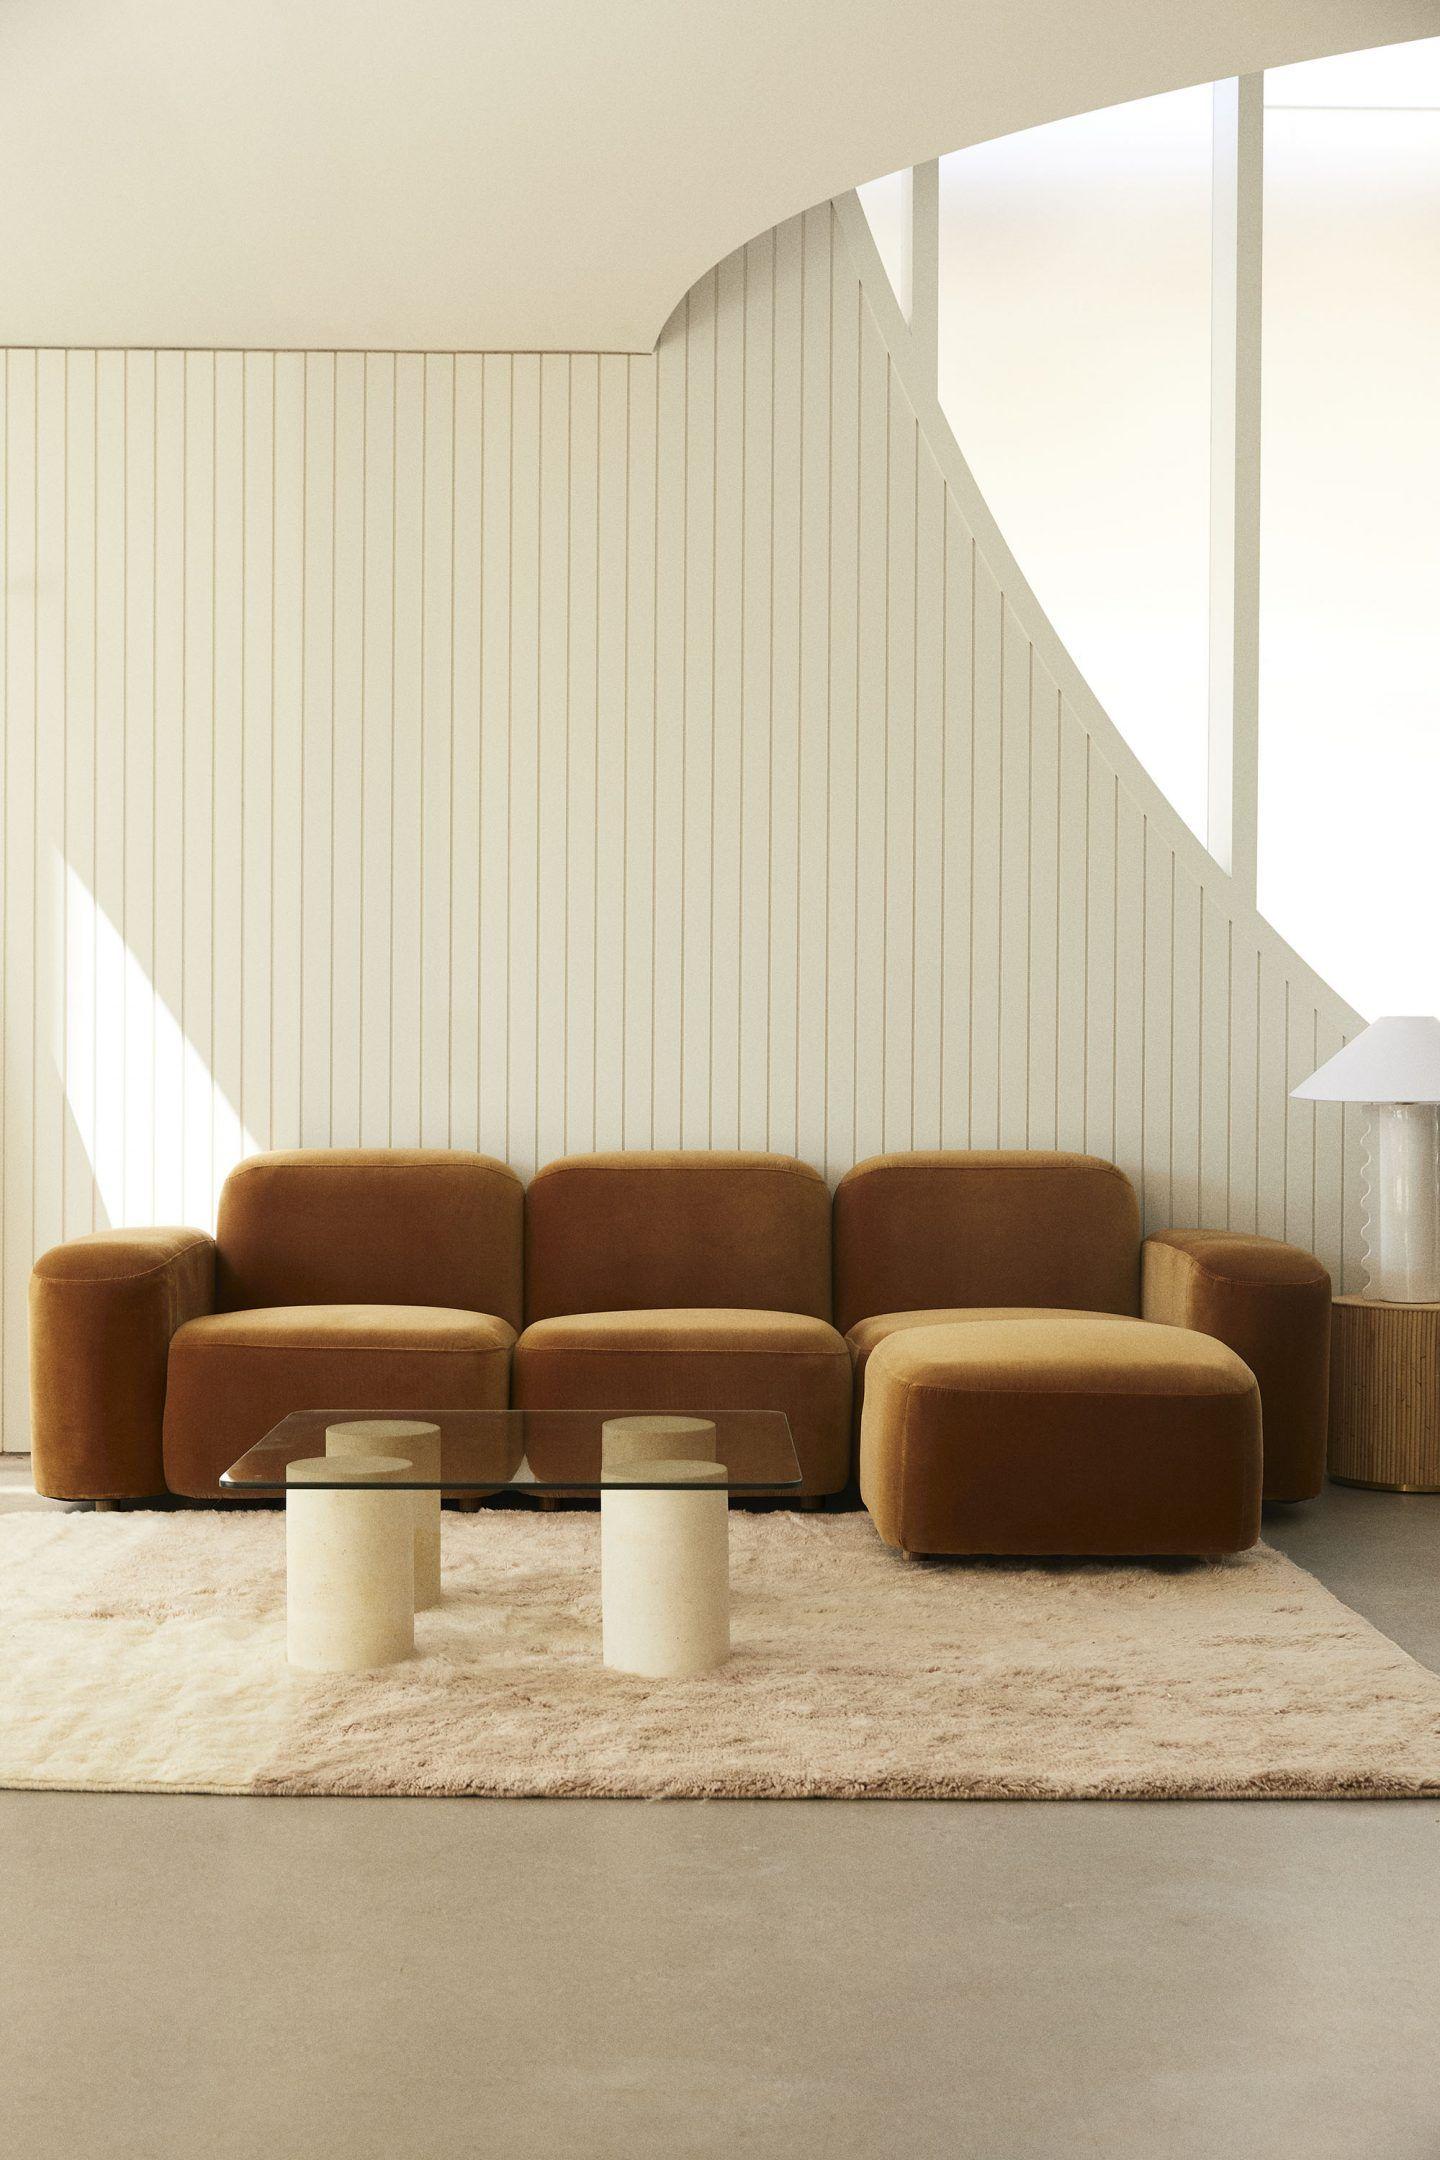 IGNANT-Design-Sarah-Ellison-Sol-04